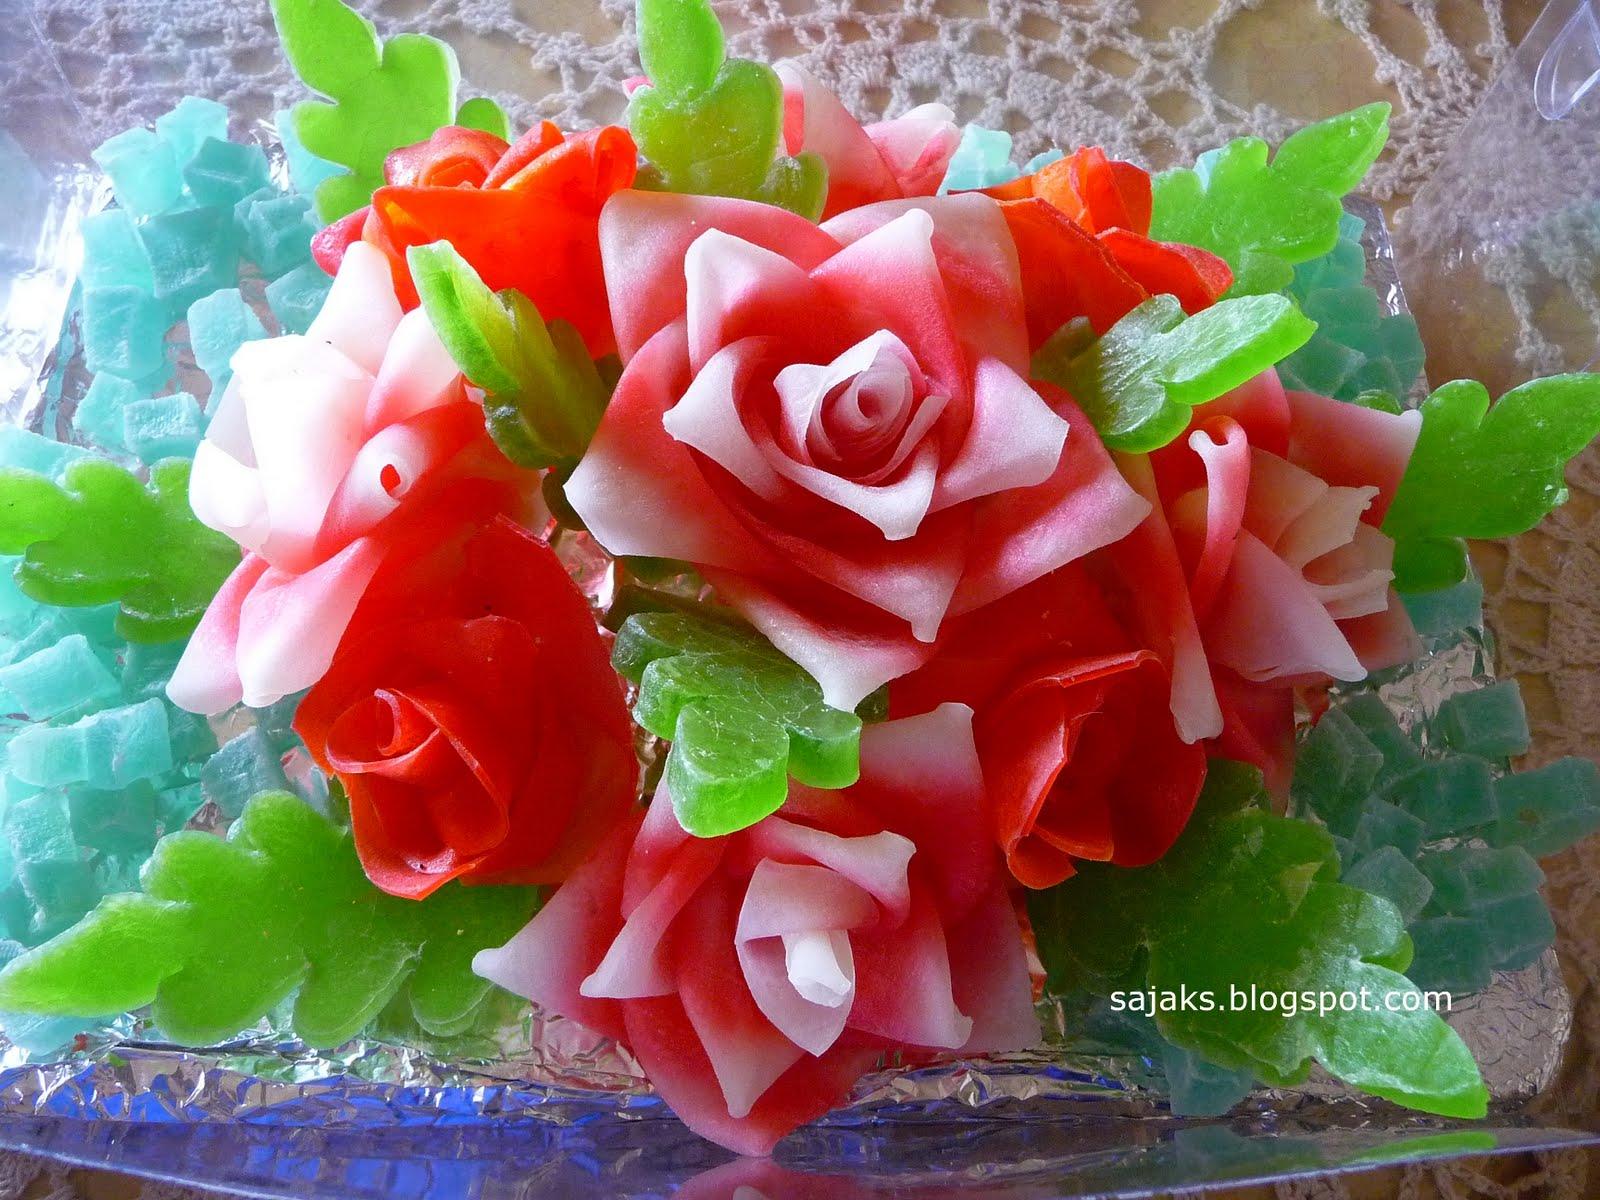 http://1.bp.blogspot.com/_d6obzptXda0/THt-YuEhD7I/AAAAAAAAALU/hsMsIN6_HYs/s1600/gubahan04.JPG